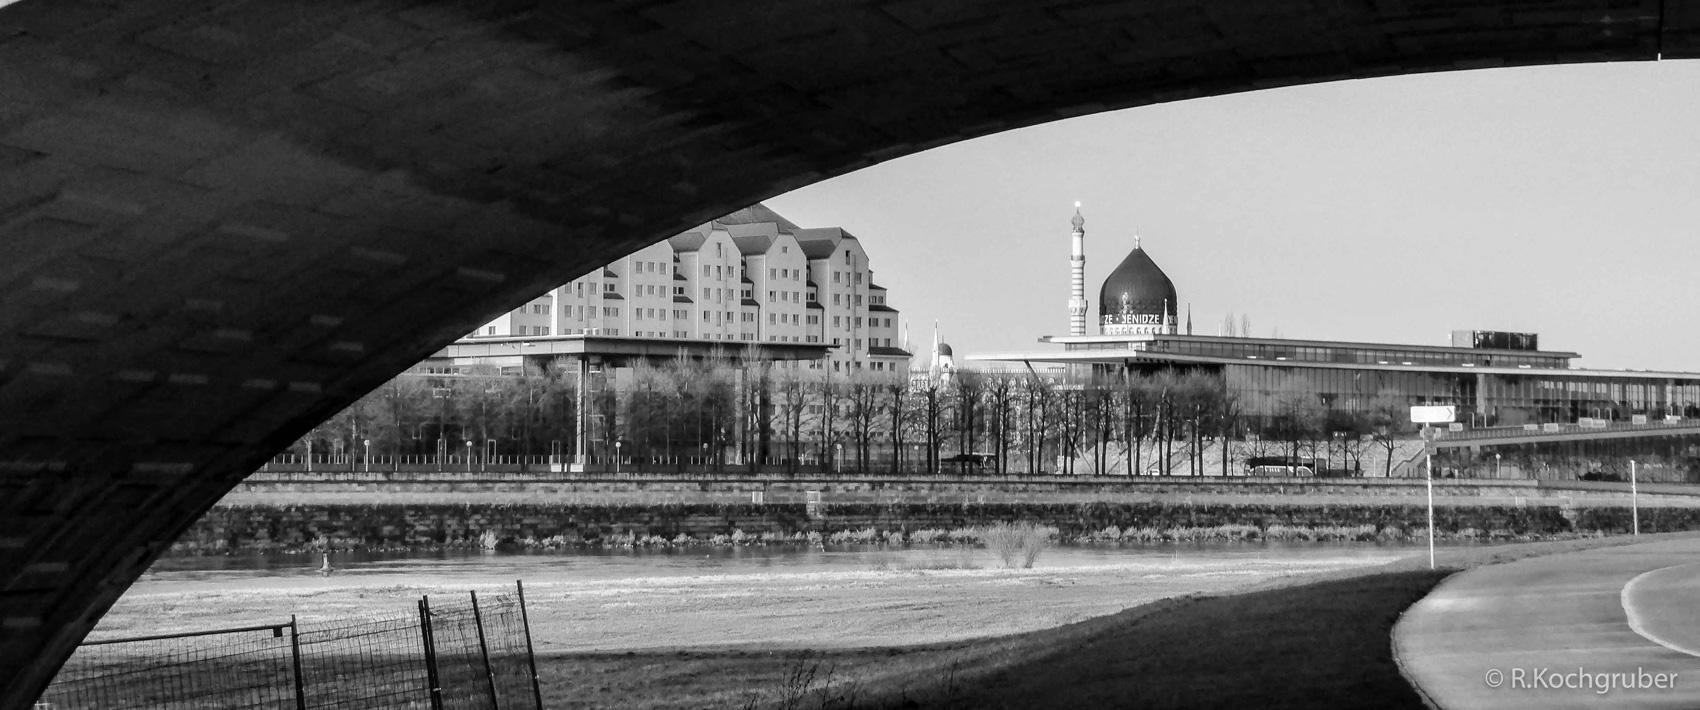 Dresden-Yenizde